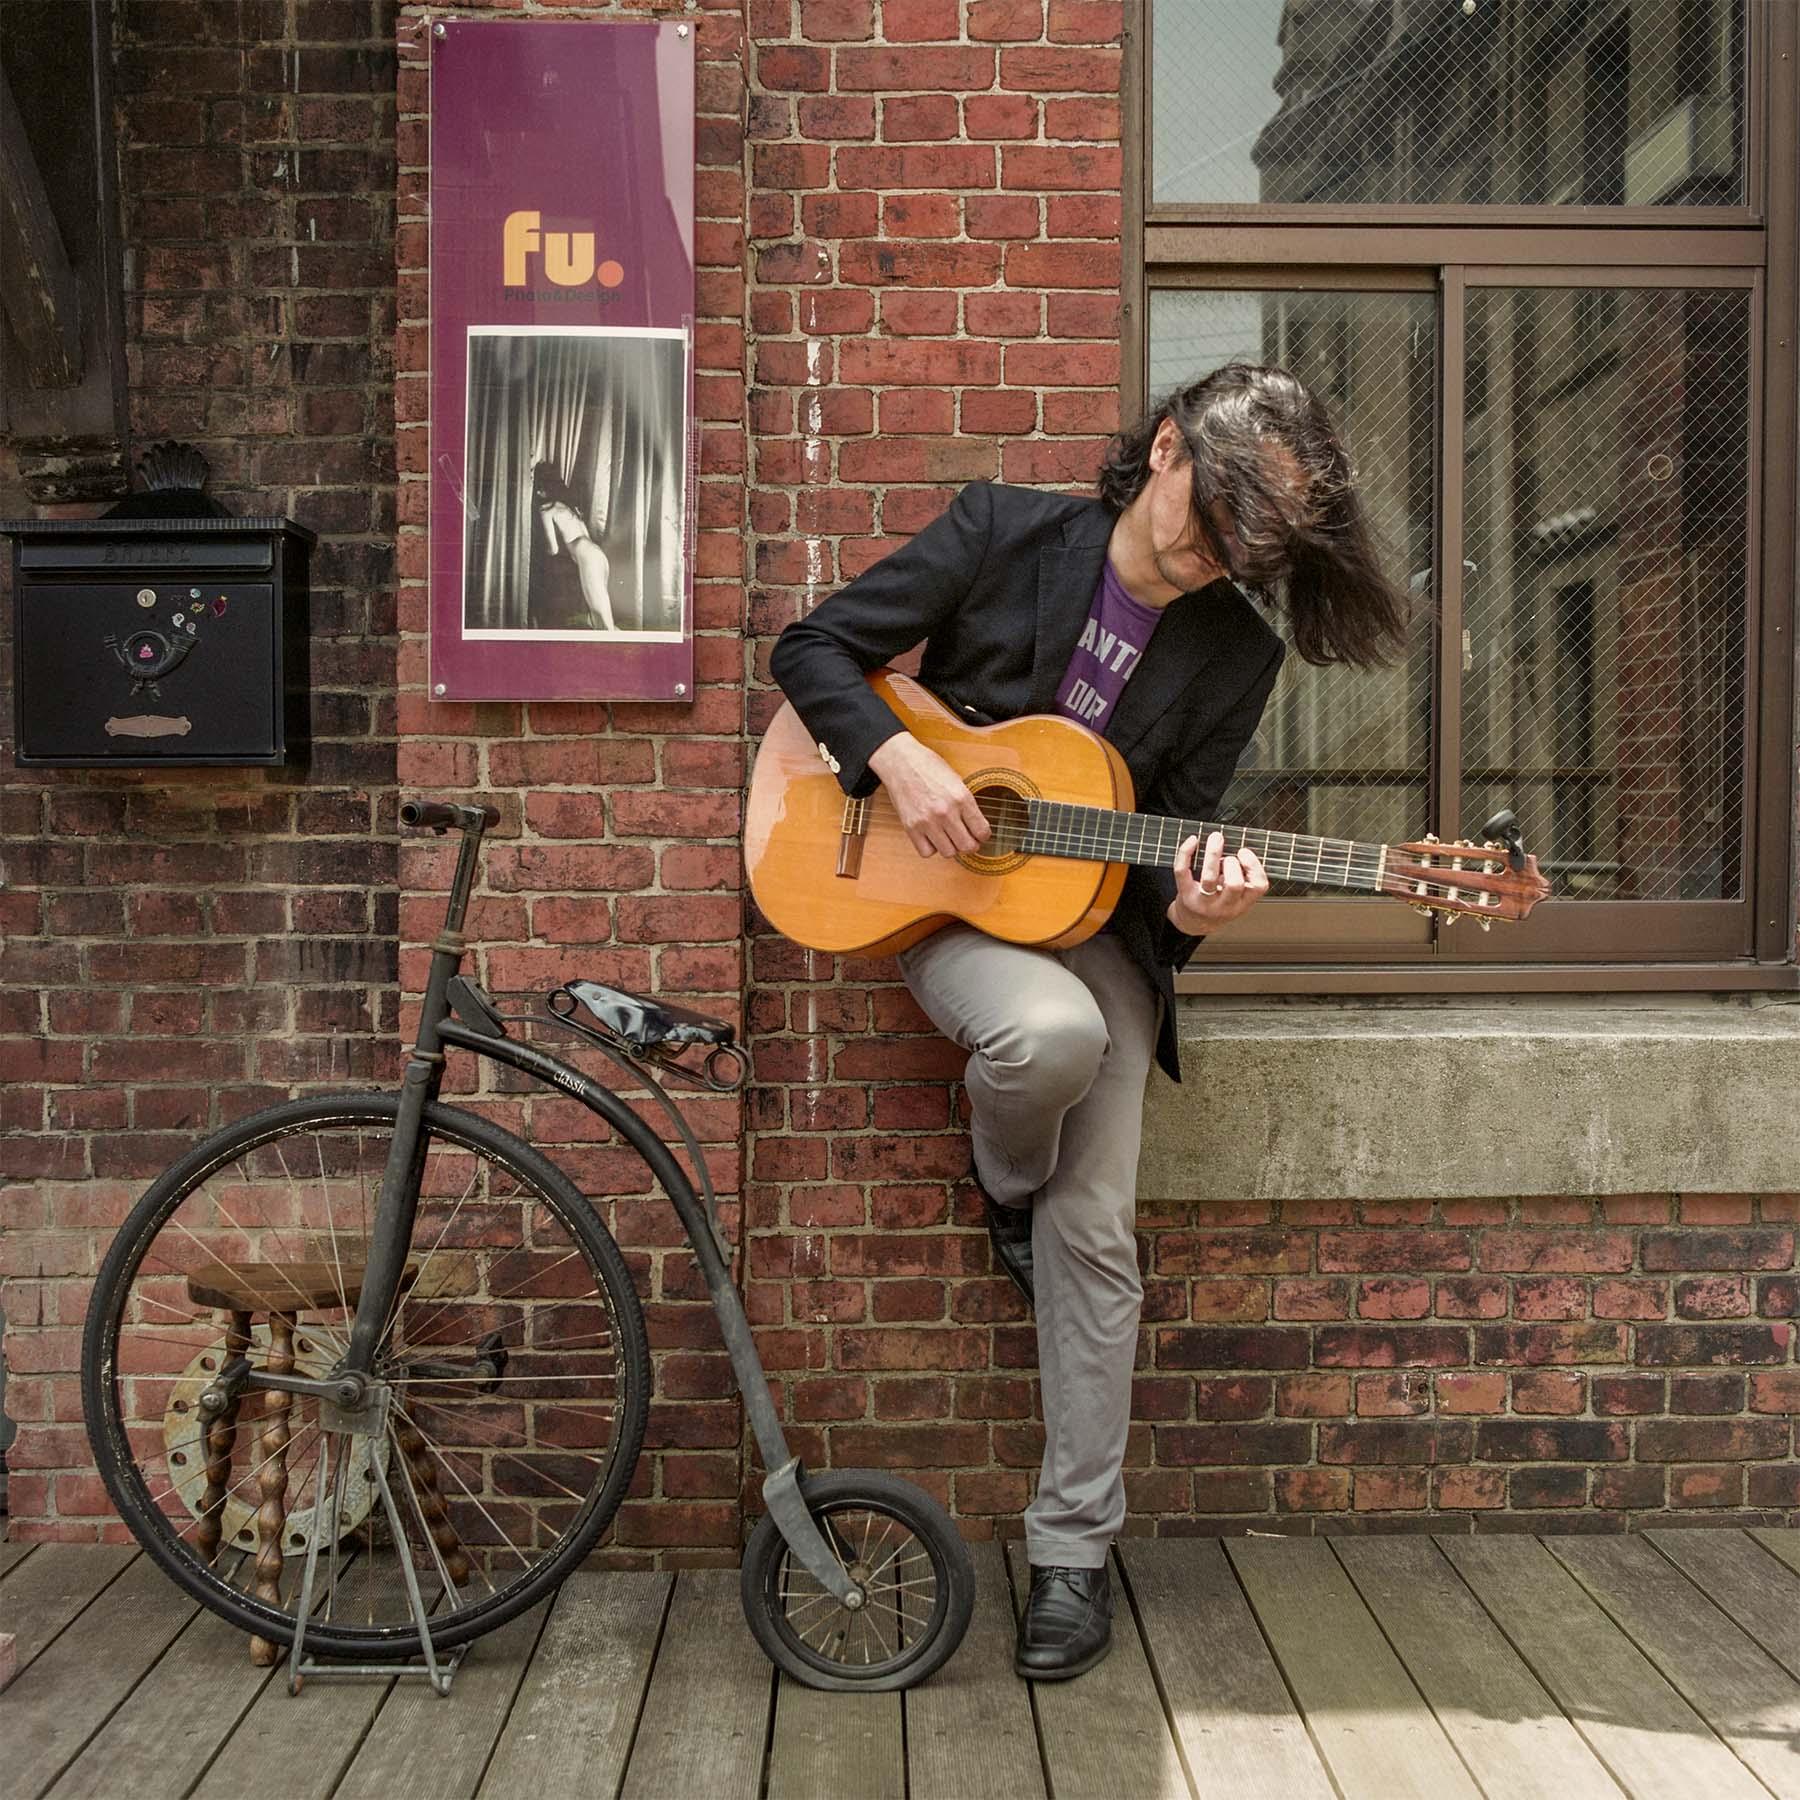 A Legendary Guitarist @ fu._c0028861_10424060.jpg